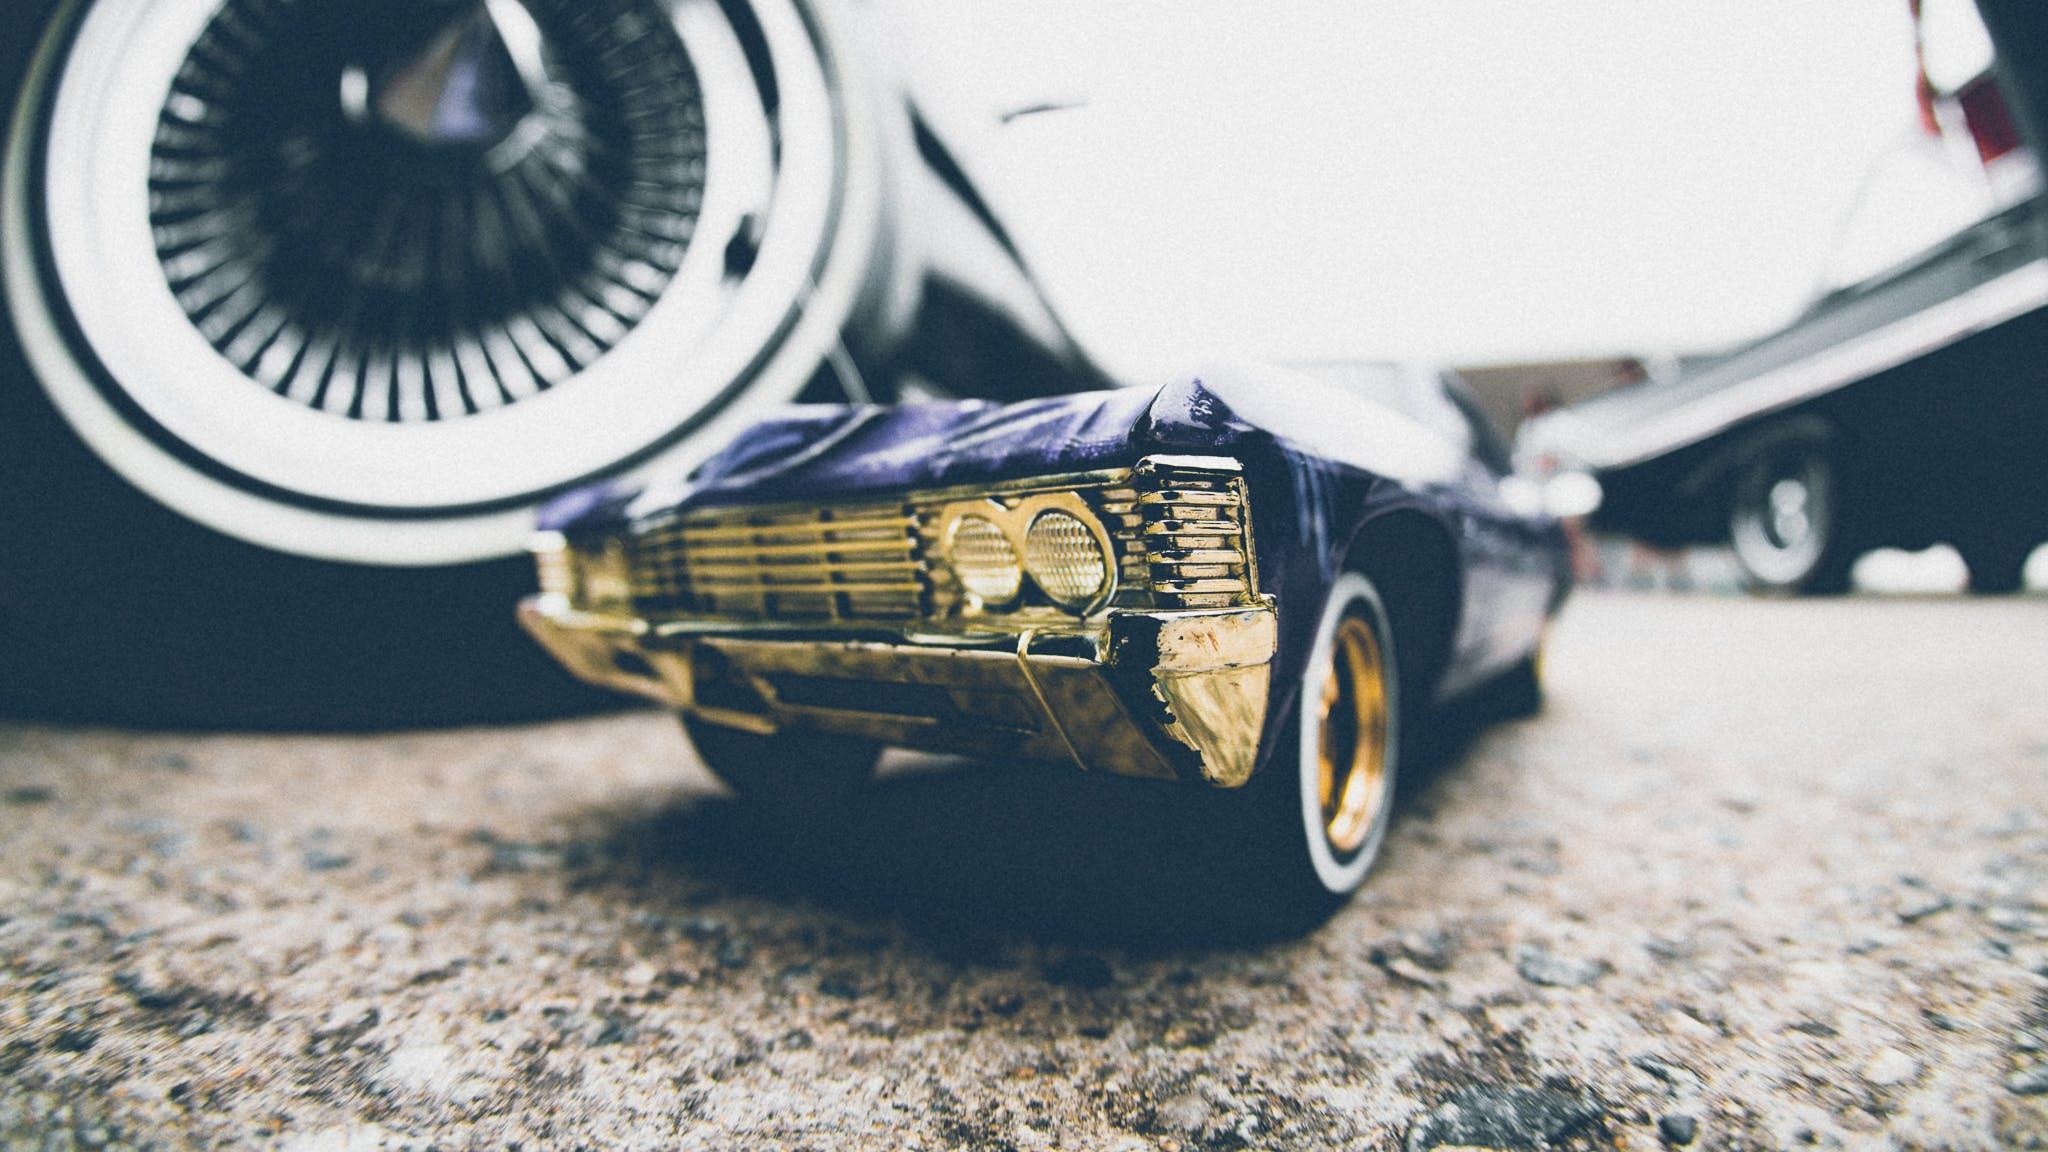 Black Car Die-cast Model